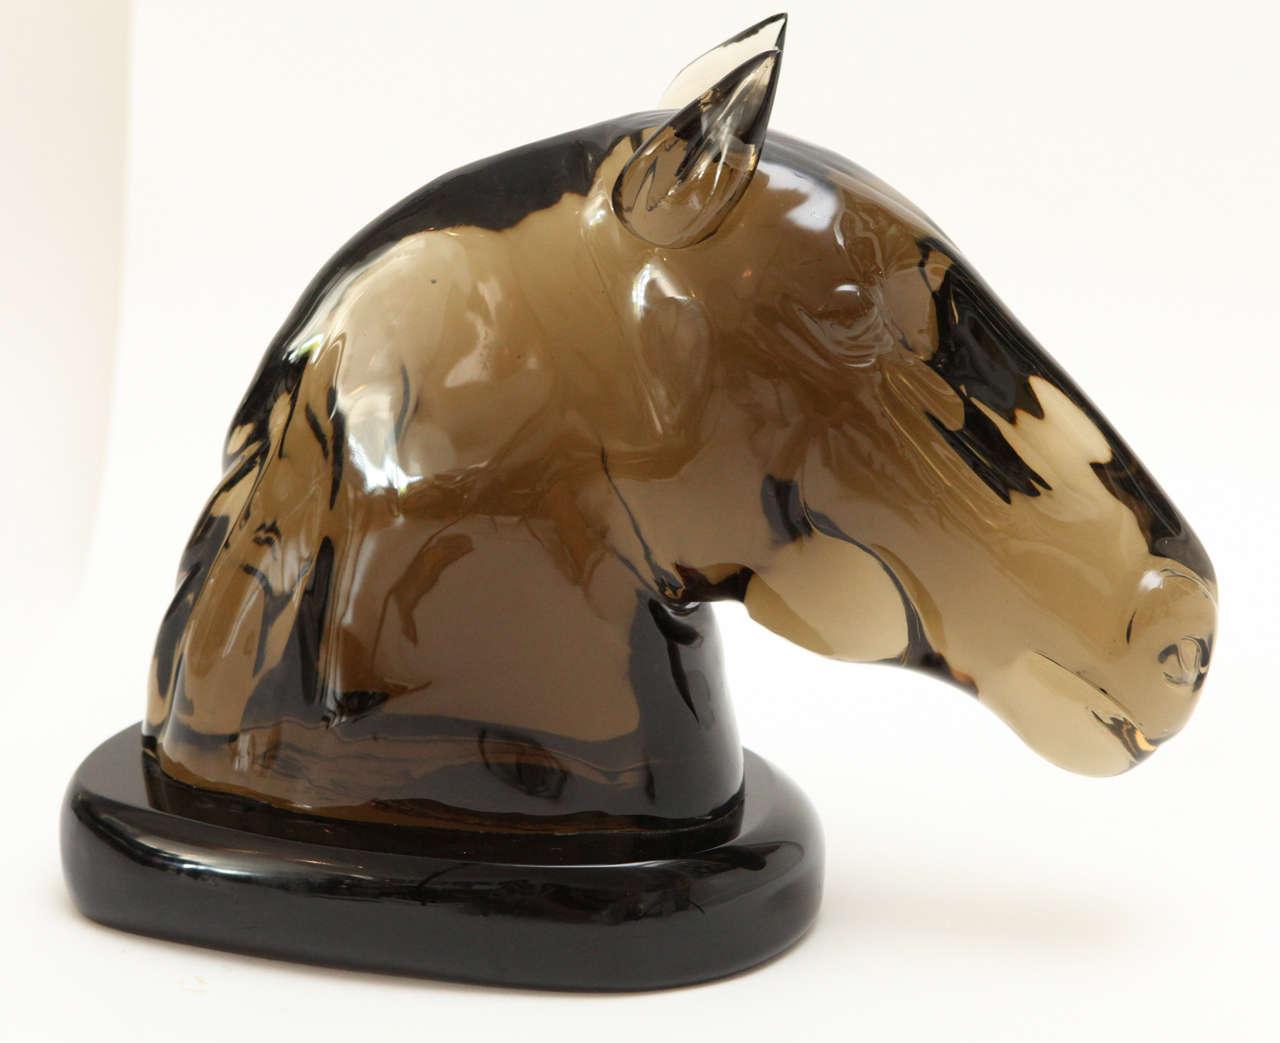 Murano Glass Sculpture by Ermanno Nason 2